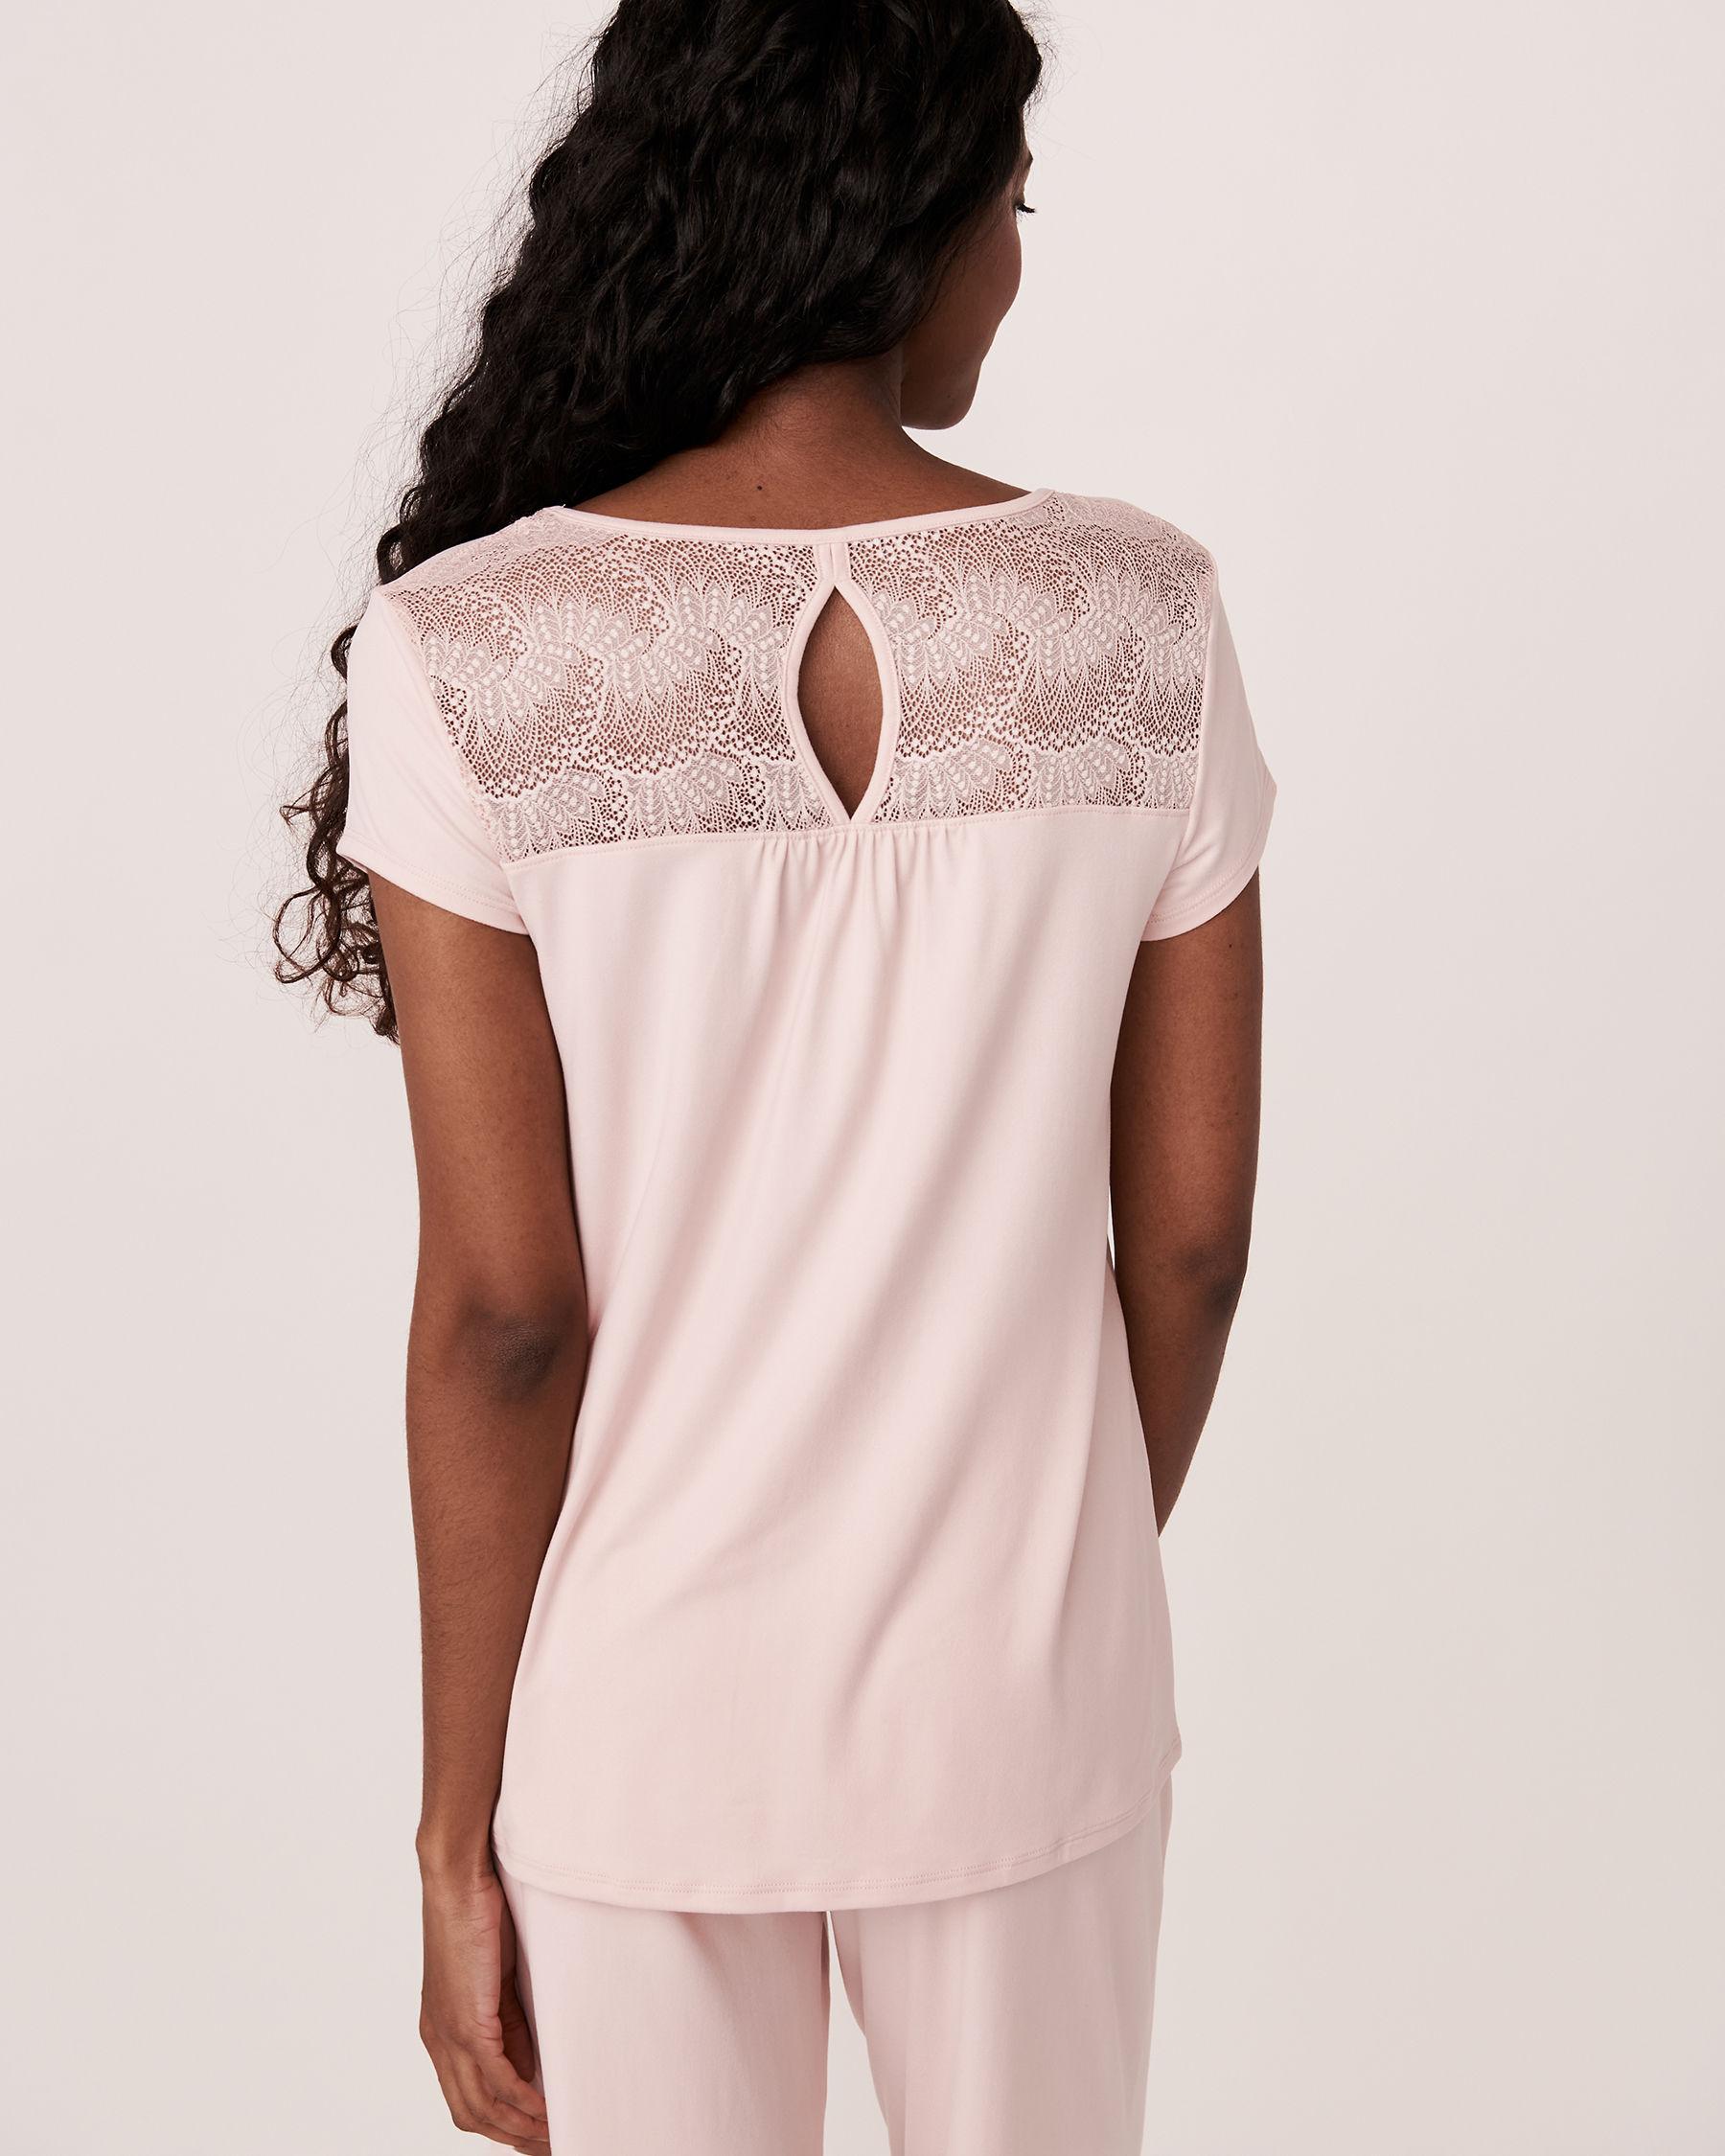 LA VIE EN ROSE Chandail manches courtes garniture de dentelle Rose pâle 40100076 - Voir3